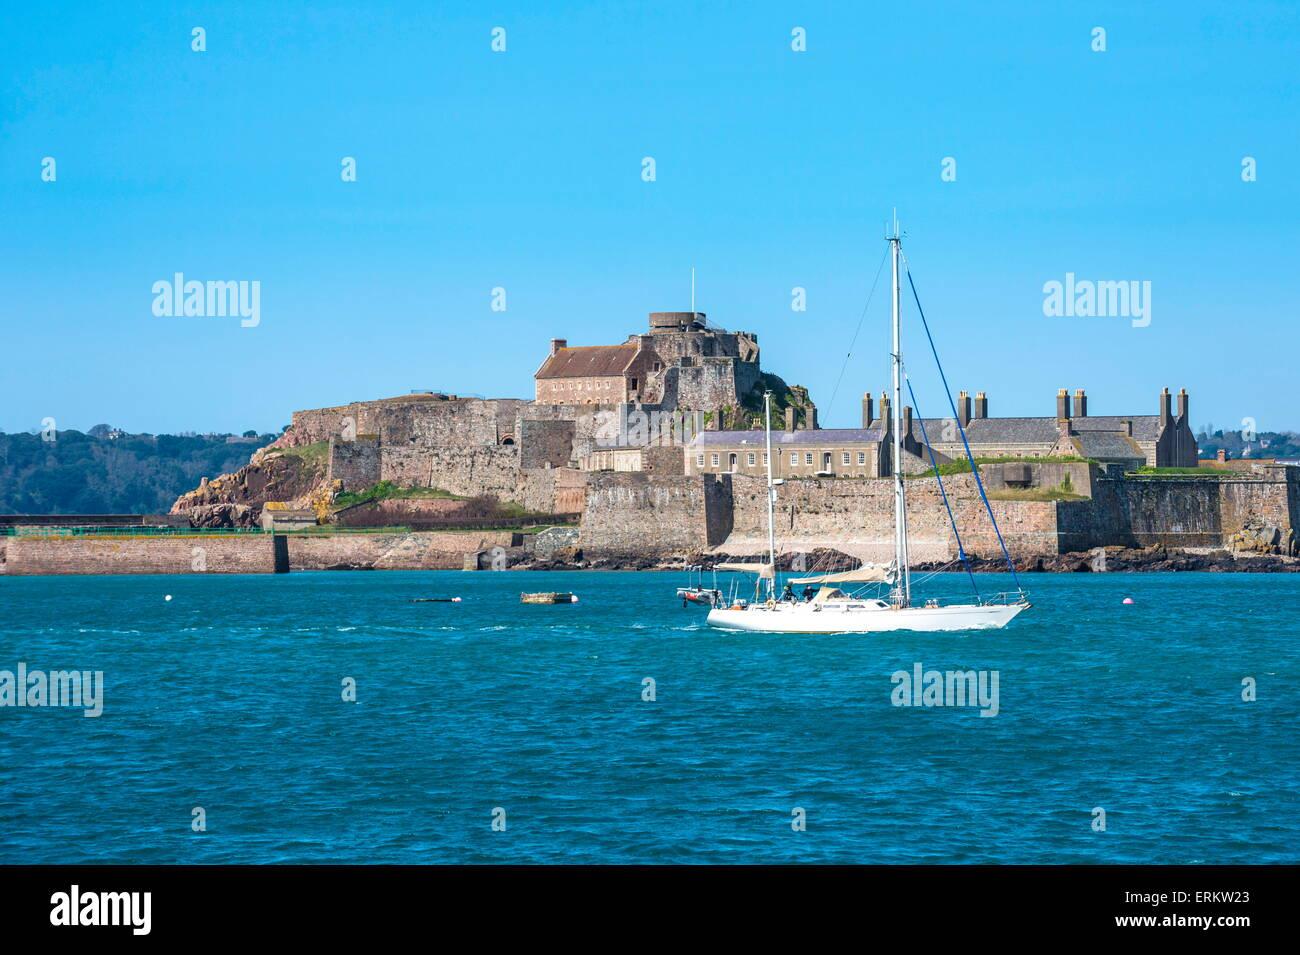 Elizabeth Castle, St. Helier, Jersey, Channel Islands, United Kingdom, Europe - Stock Image